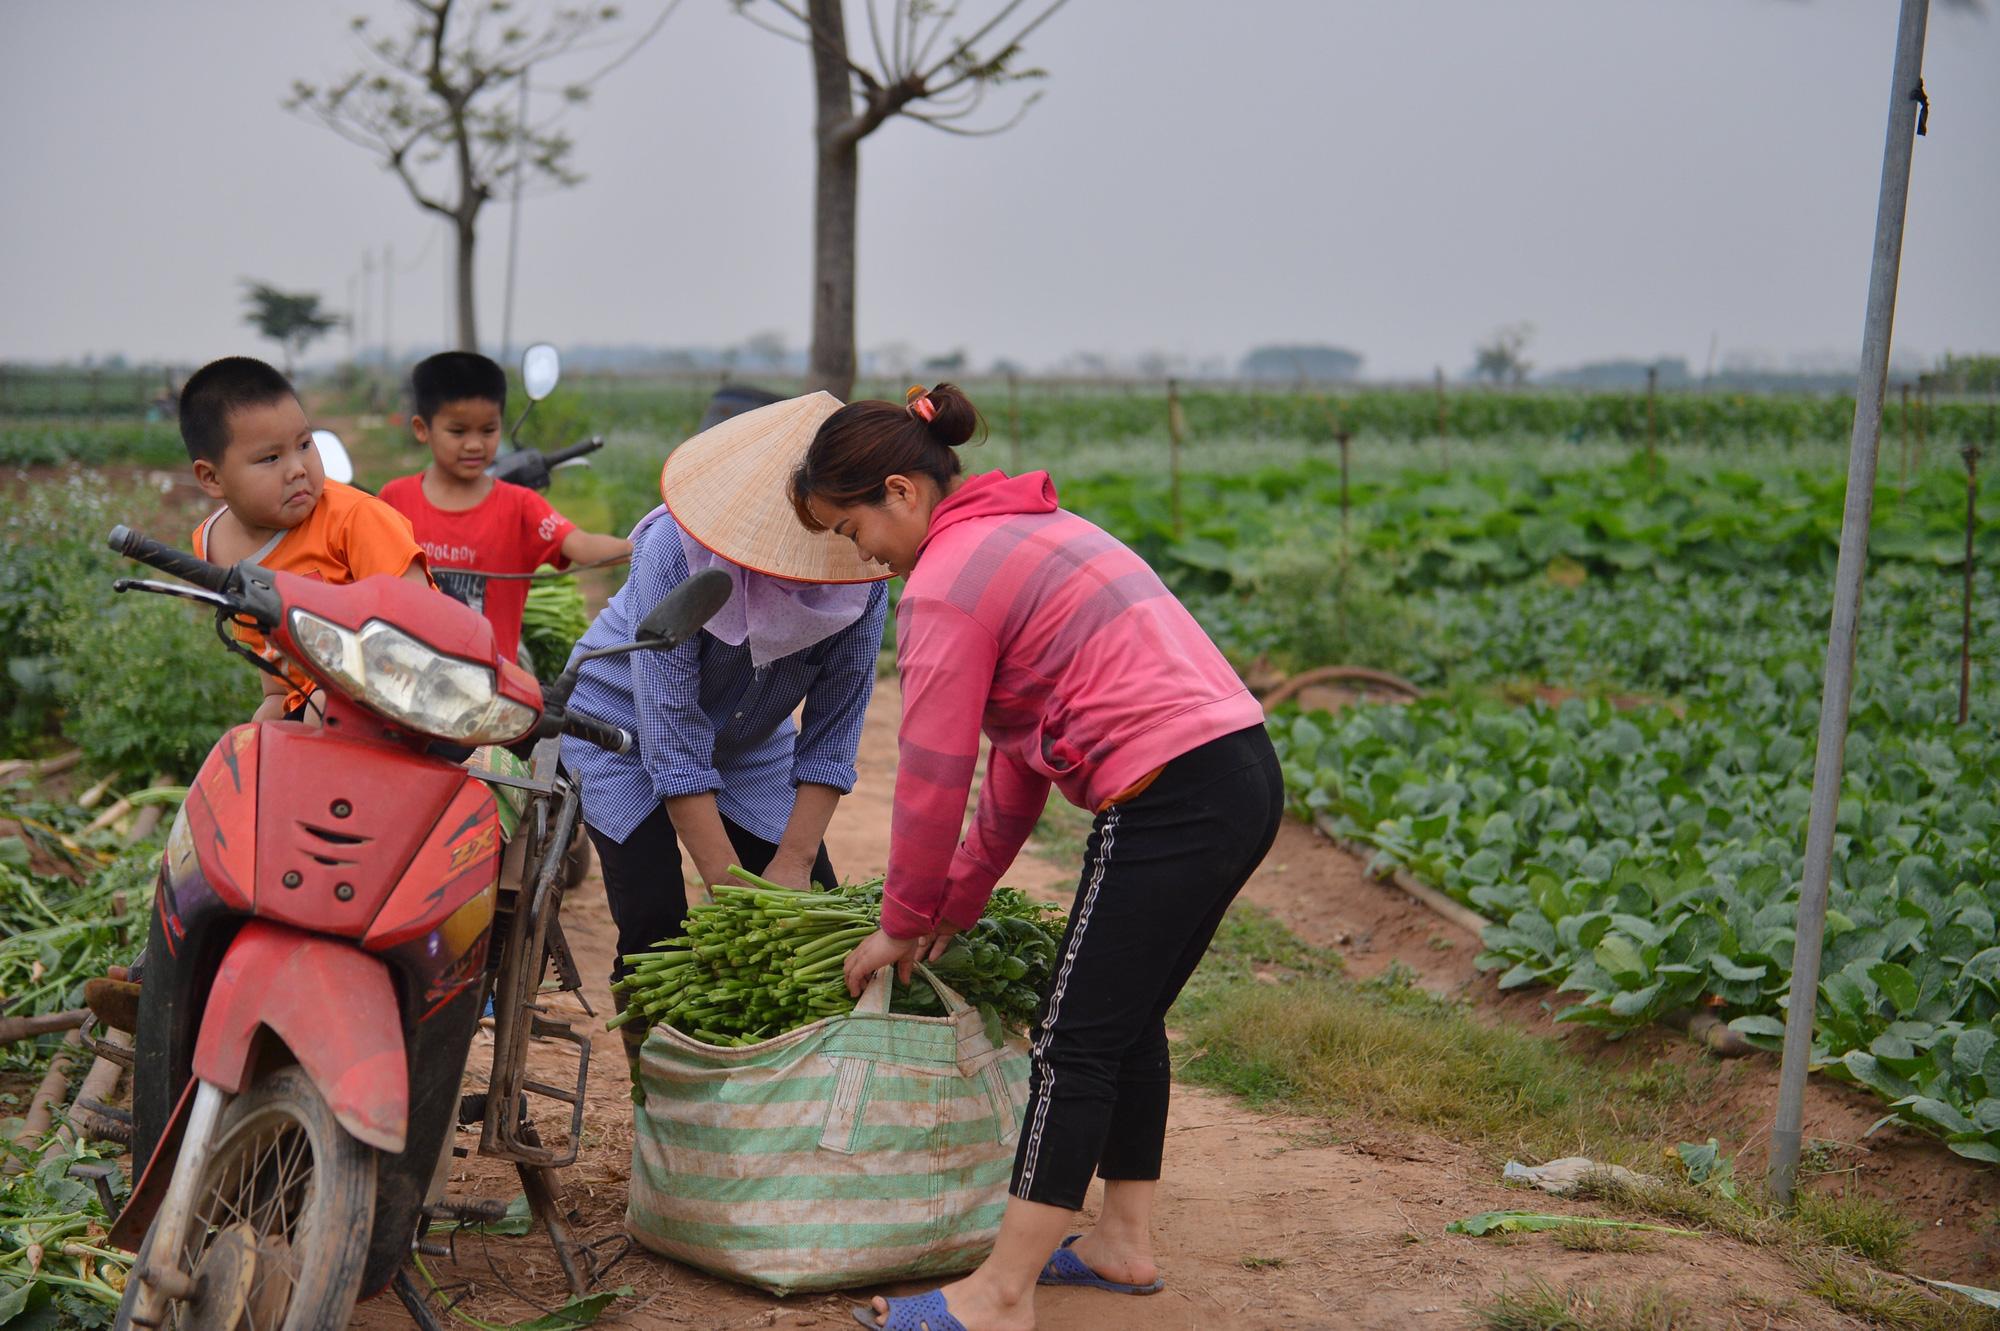 Sau Hải Dương, hàng trăm tấn củ cải ở Hà Nội rớt giá, người dân phải nhổ bỏ vì bán không ai mua - Ảnh 7.